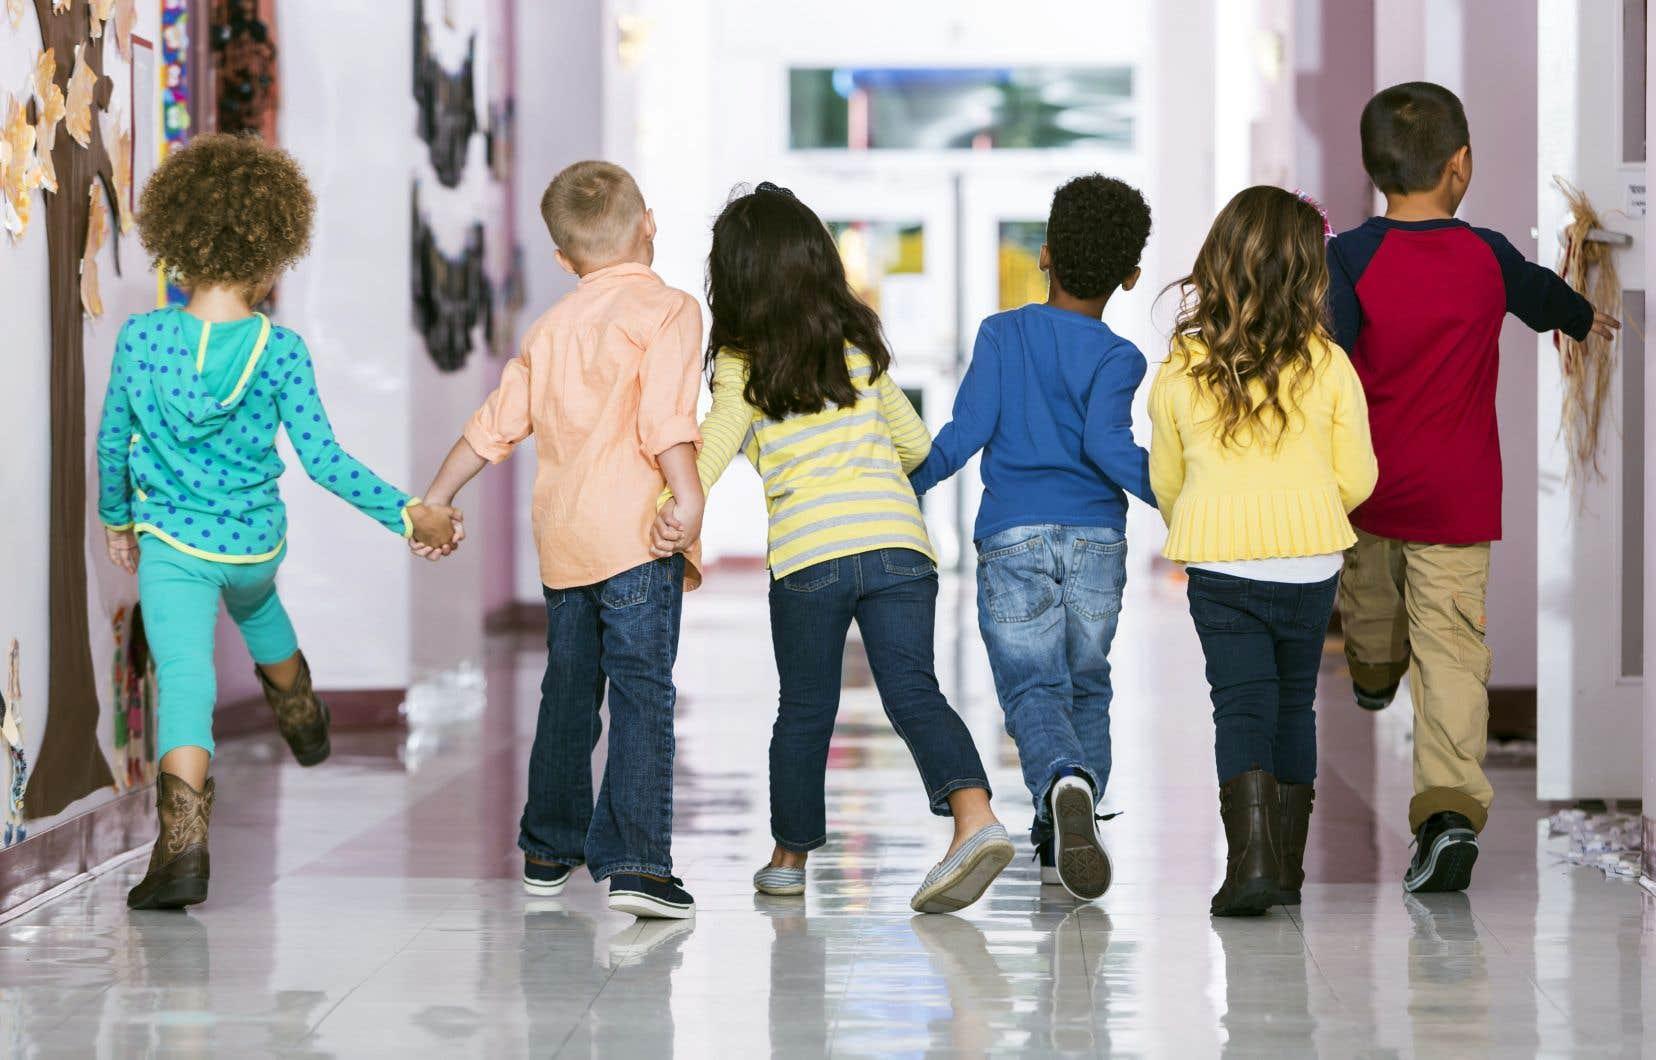 Le gouvernement Couillard versera 670 millions aux commissions scolaires pour compenser la perte de revenus découlant de la réforme de la taxation scolaire.